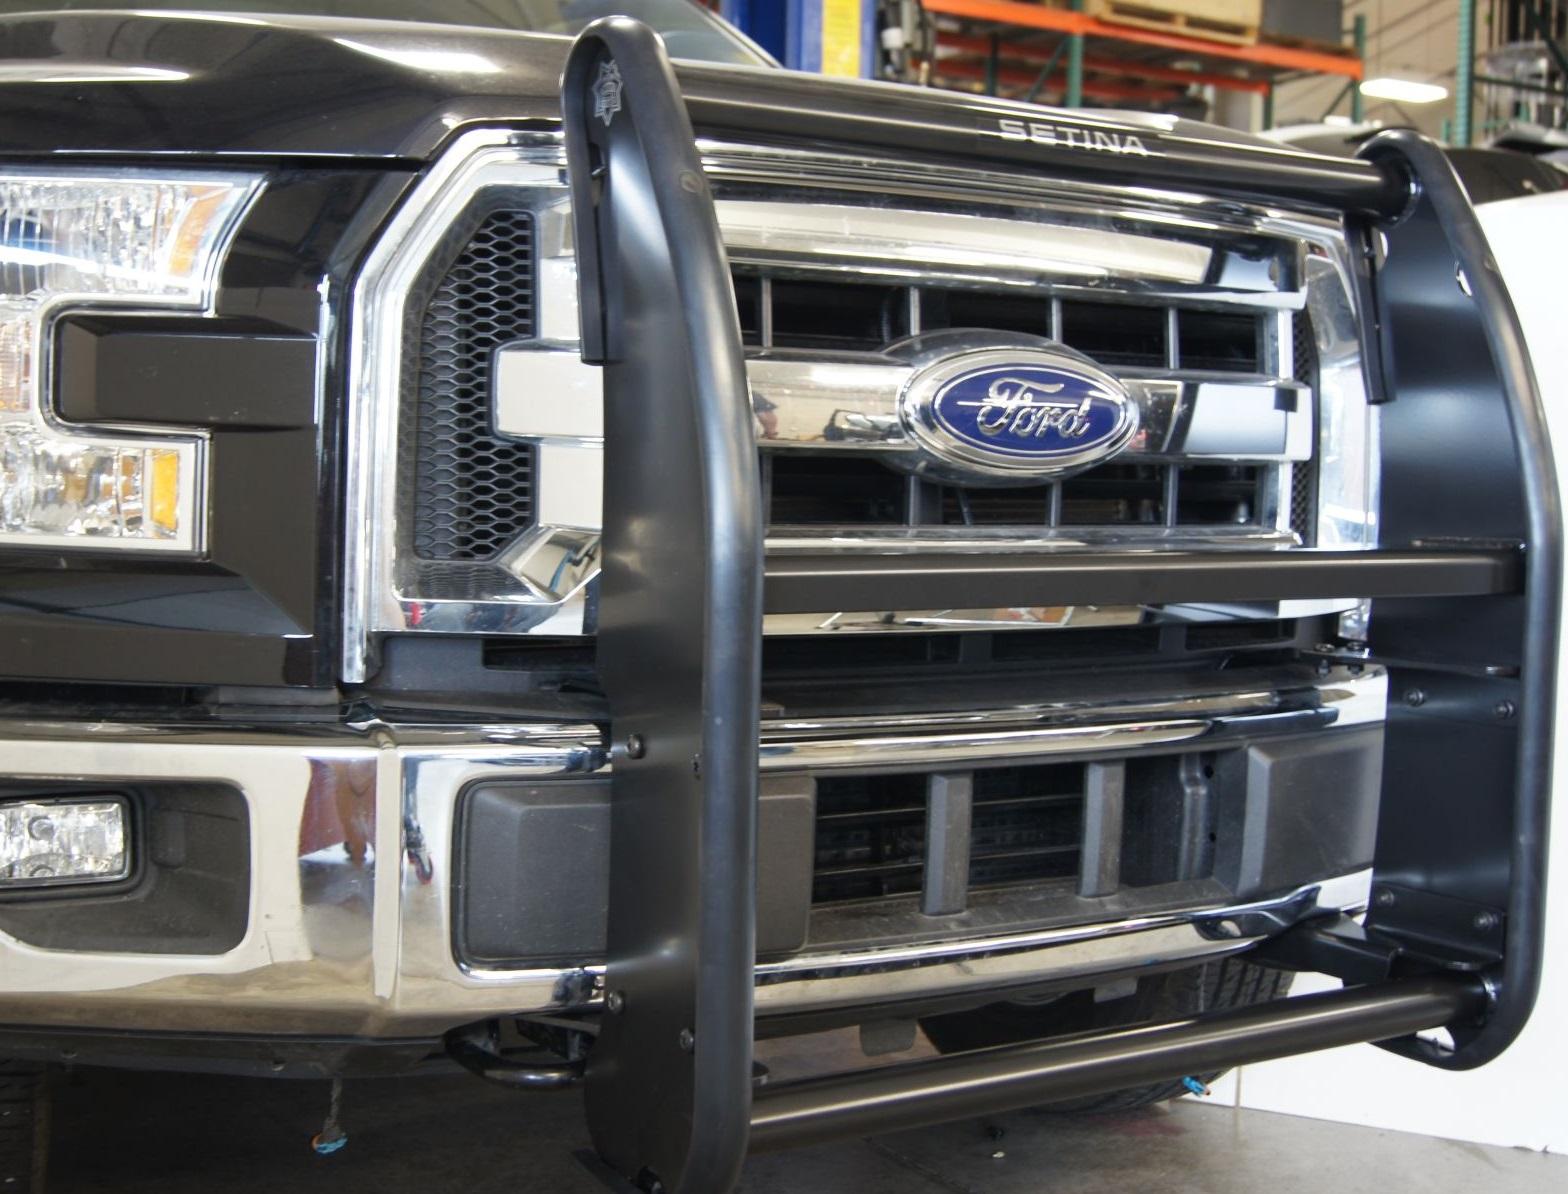 Ford Setina Pb 400 Series Aluminum Push Bumper Mhq Mhq